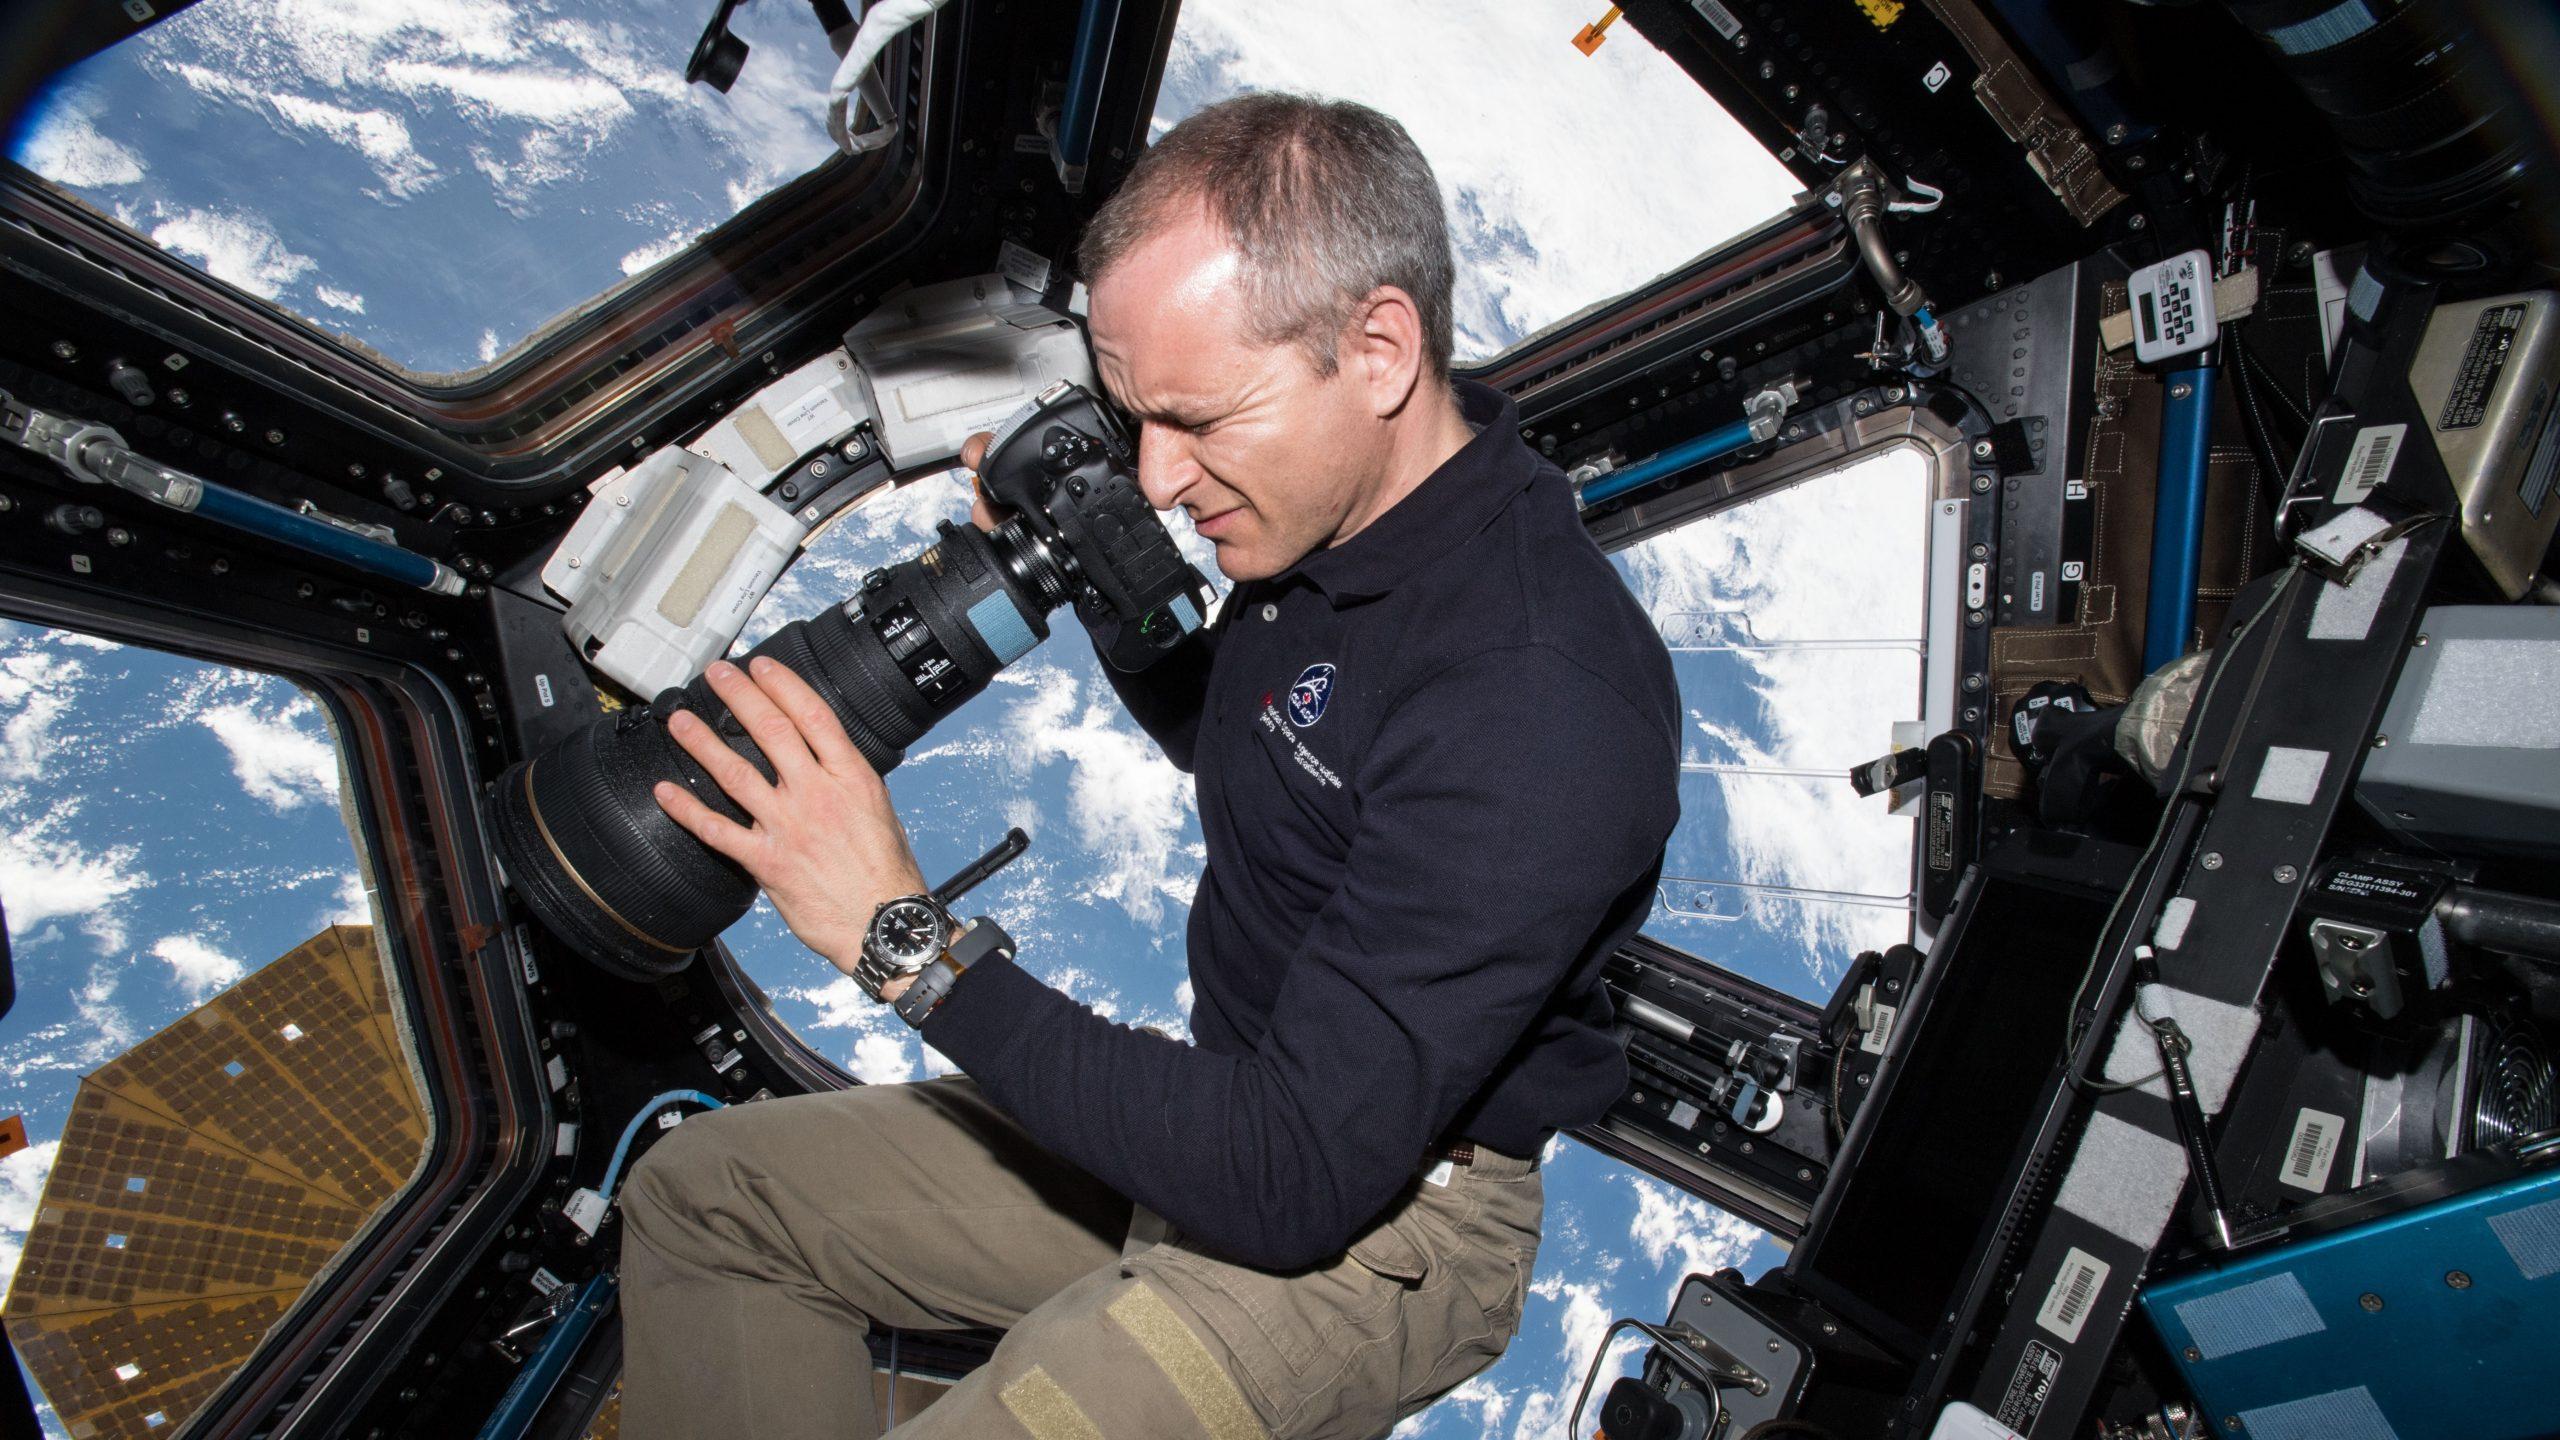 Fotó: CANADIAN SPACE AGENCY/NASA